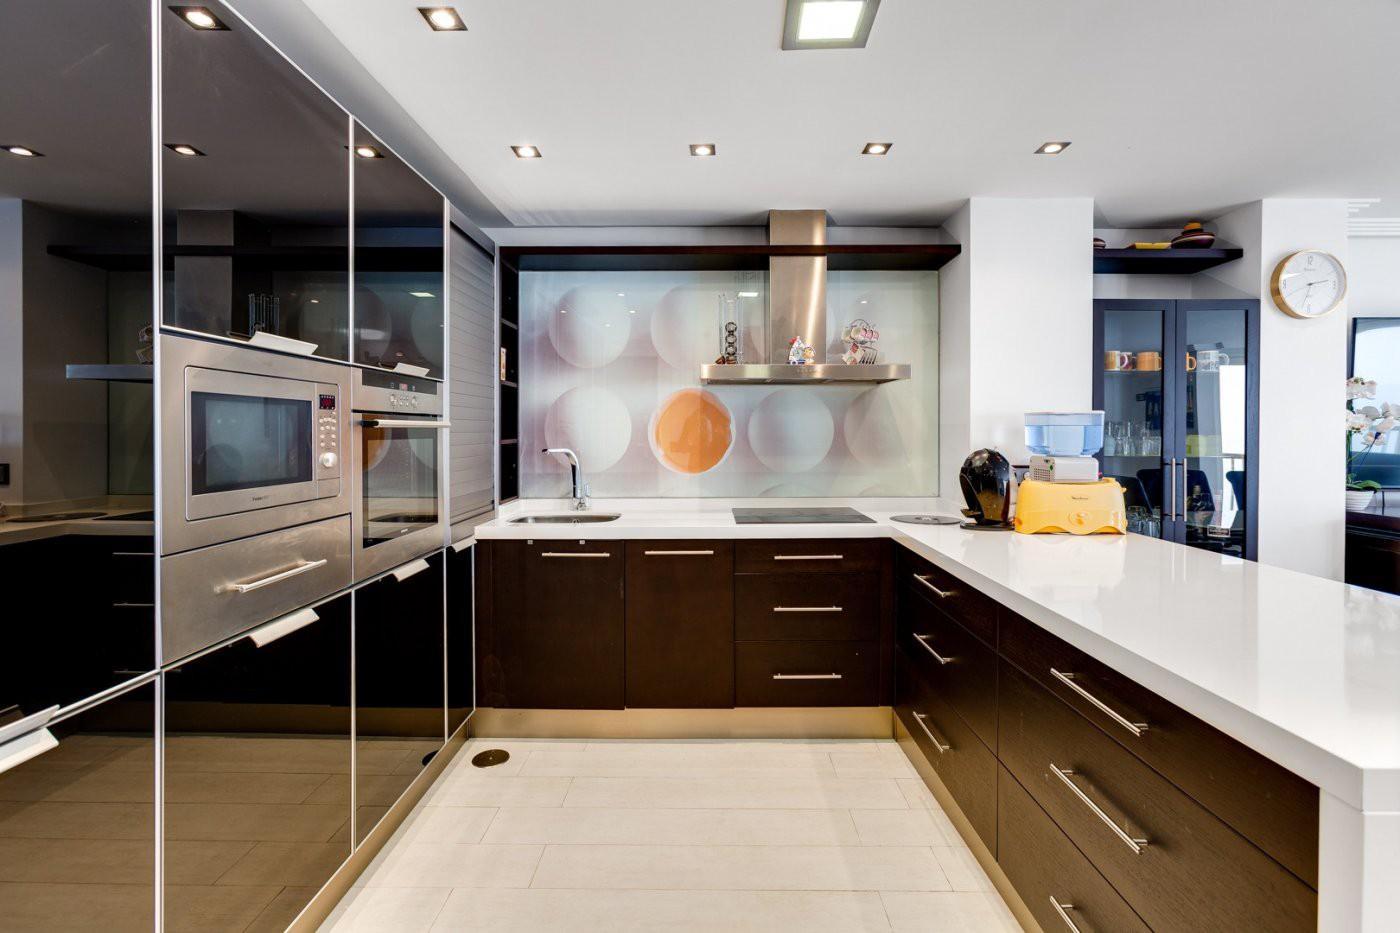 Kuchnia wnętrze.